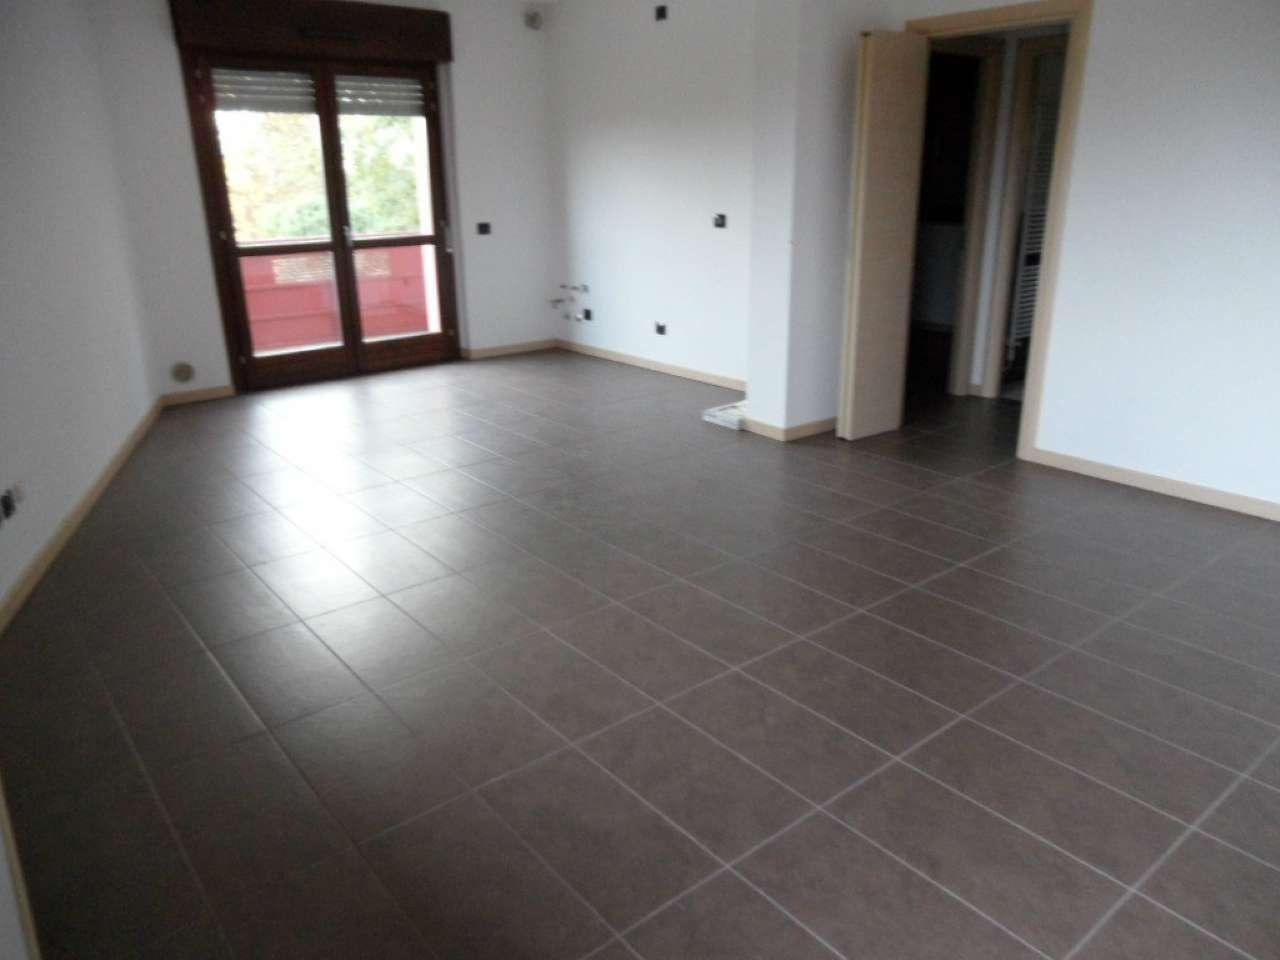 Appartamento in vendita a Cavernago, 3 locali, prezzo € 142.000 | Cambio Casa.it